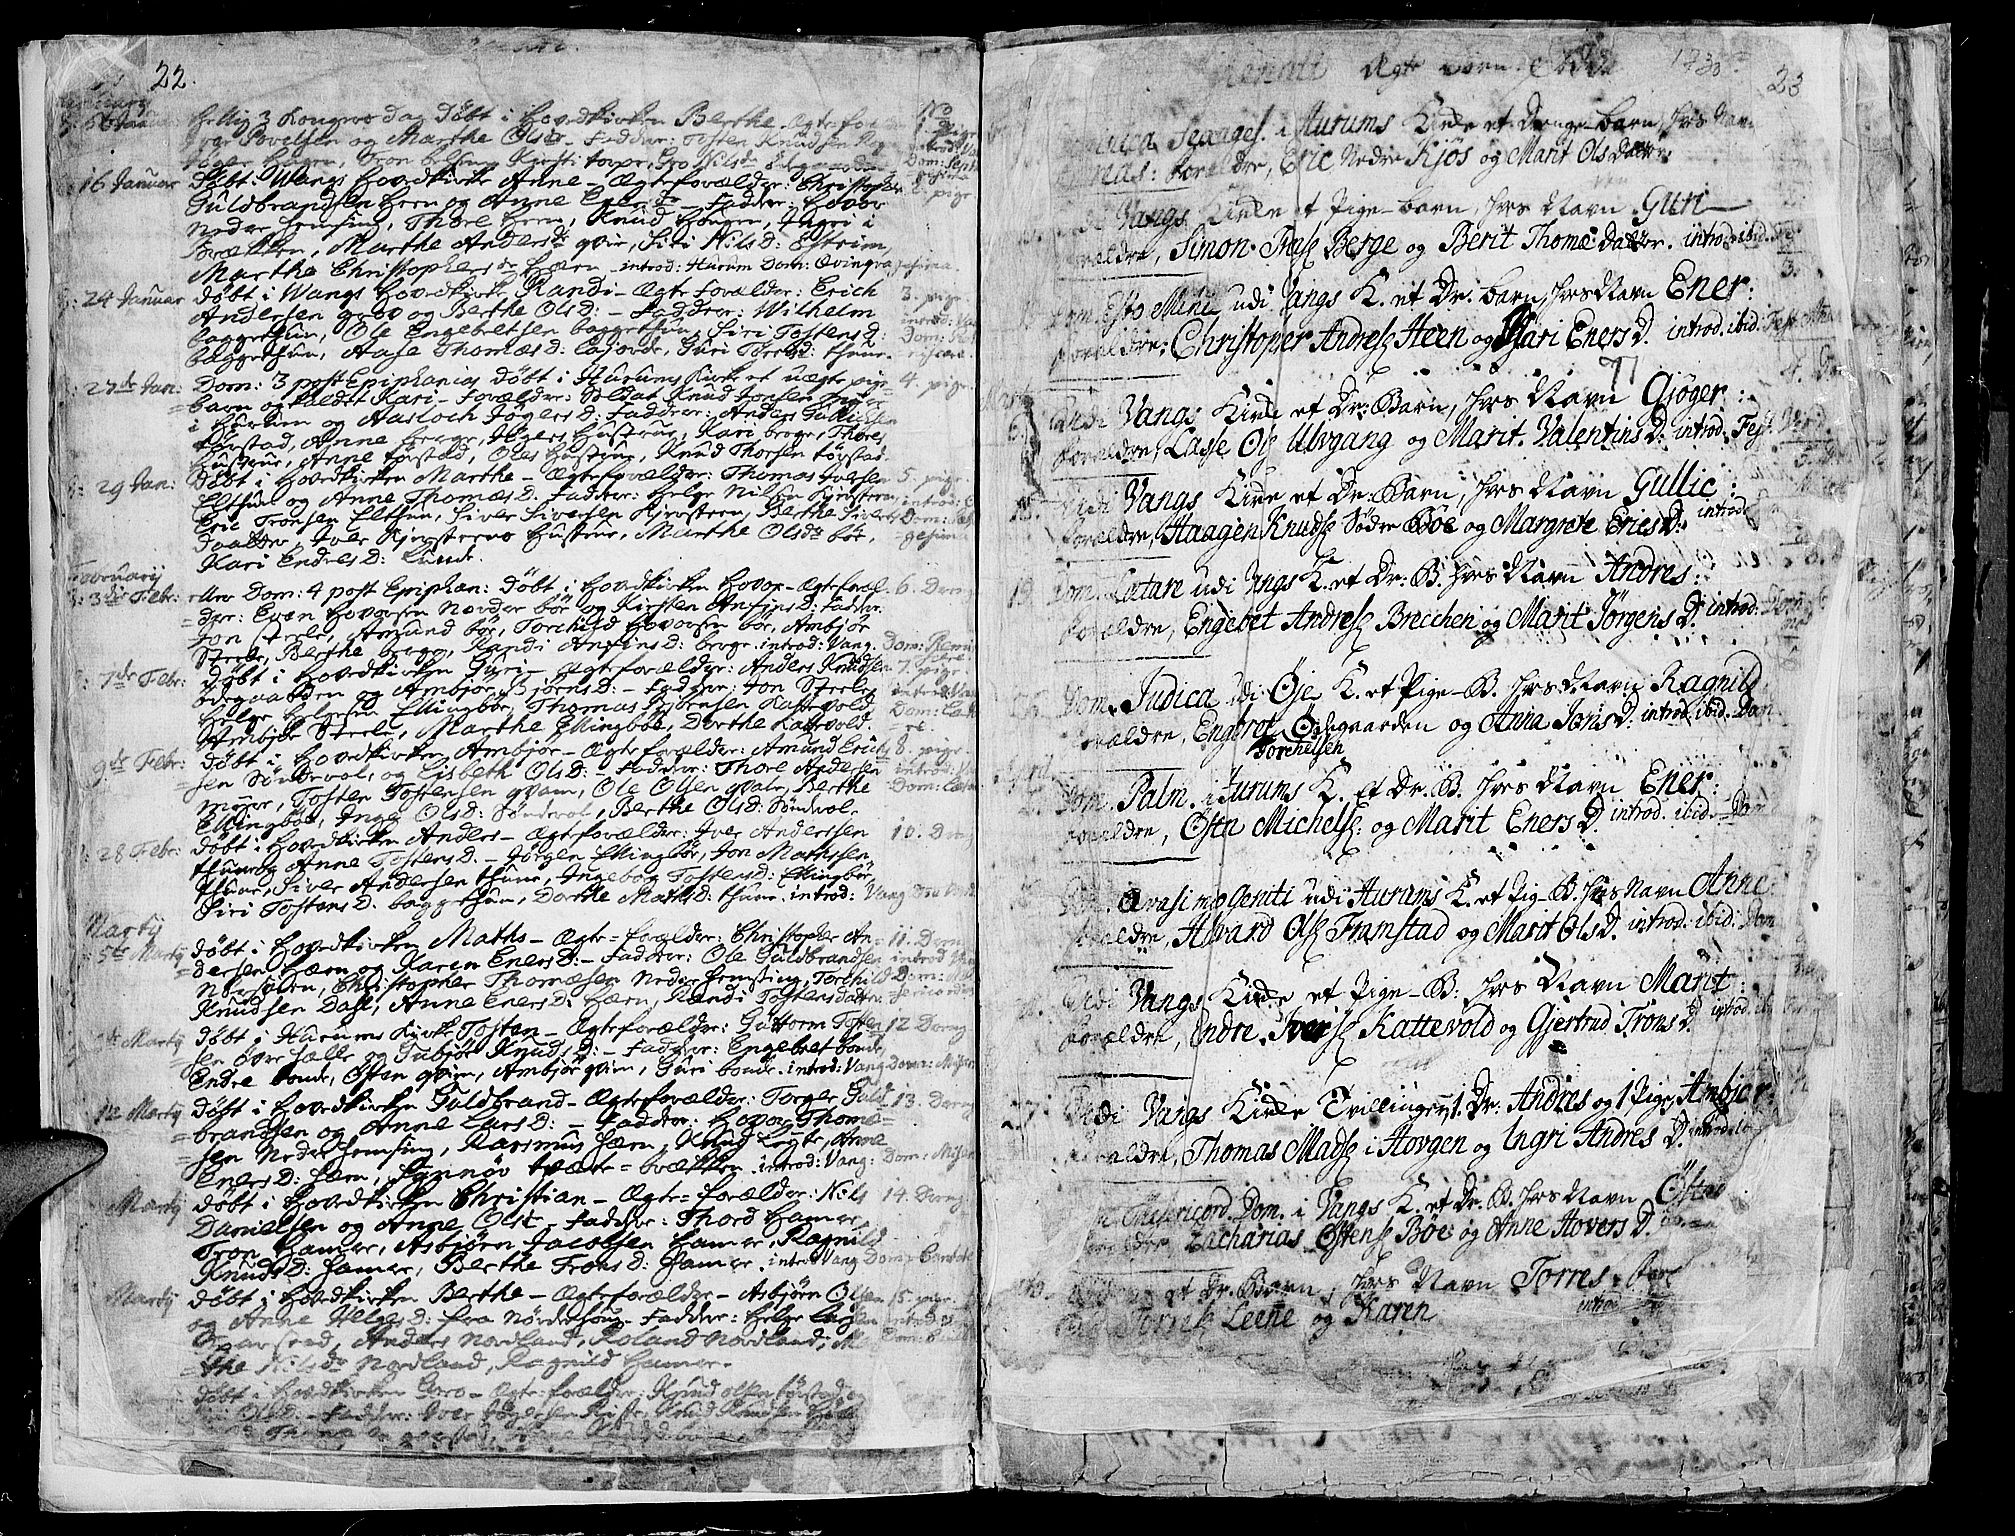 SAH, Vang prestekontor, Valdres, Ministerialbok nr. 1, 1730-1796, s. 22-23